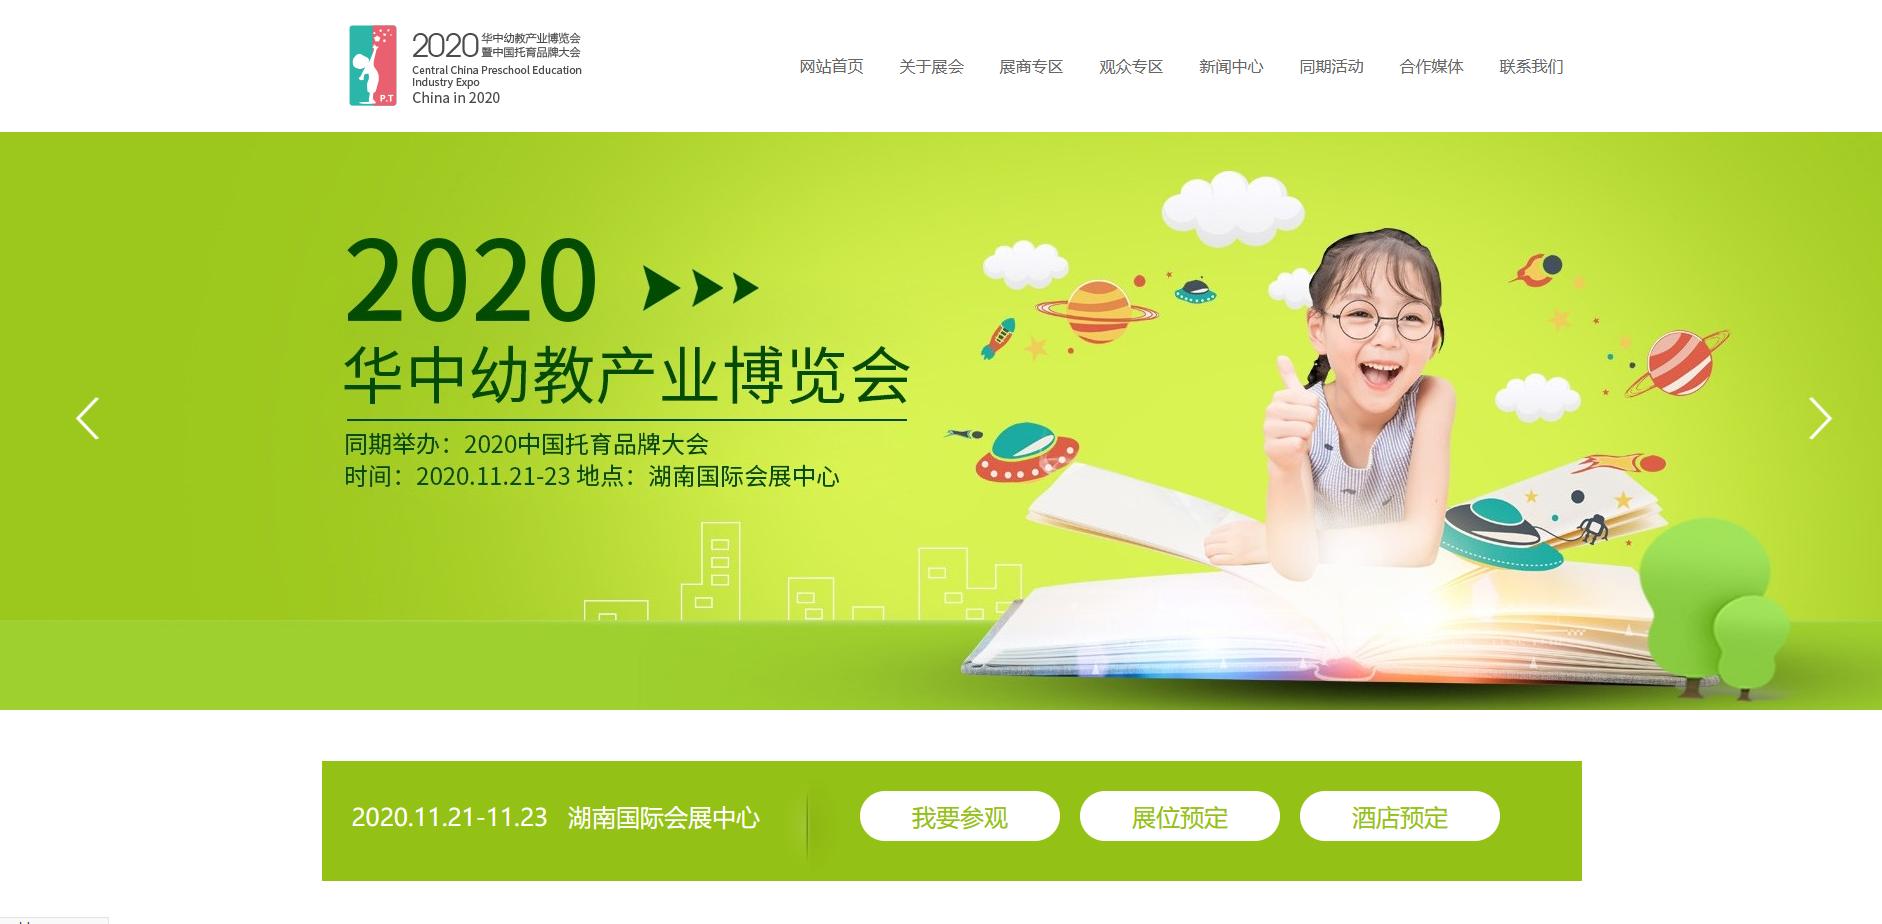 华中幼教前沿峰会暨幼教产业博览会